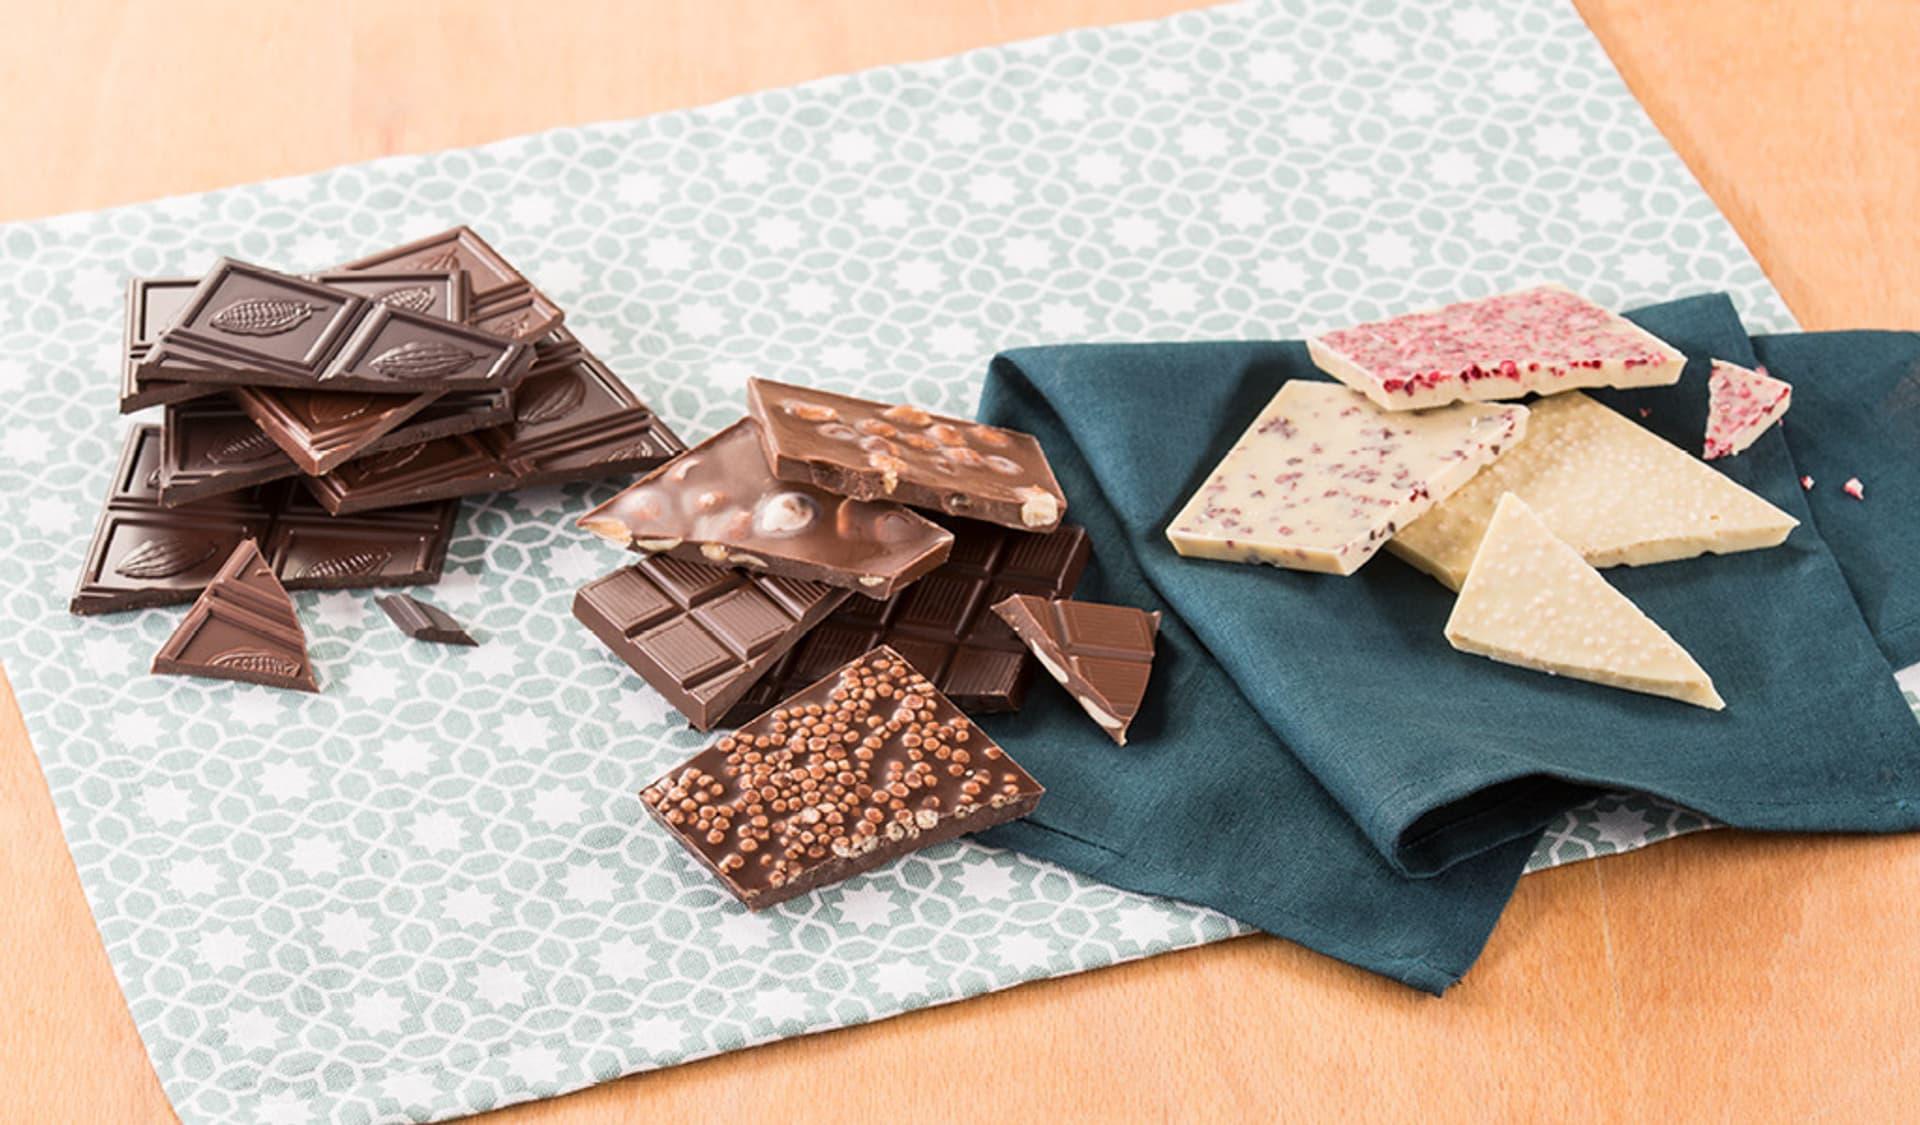 Verschiedene Schokoladenstücke auf einer Unterlage